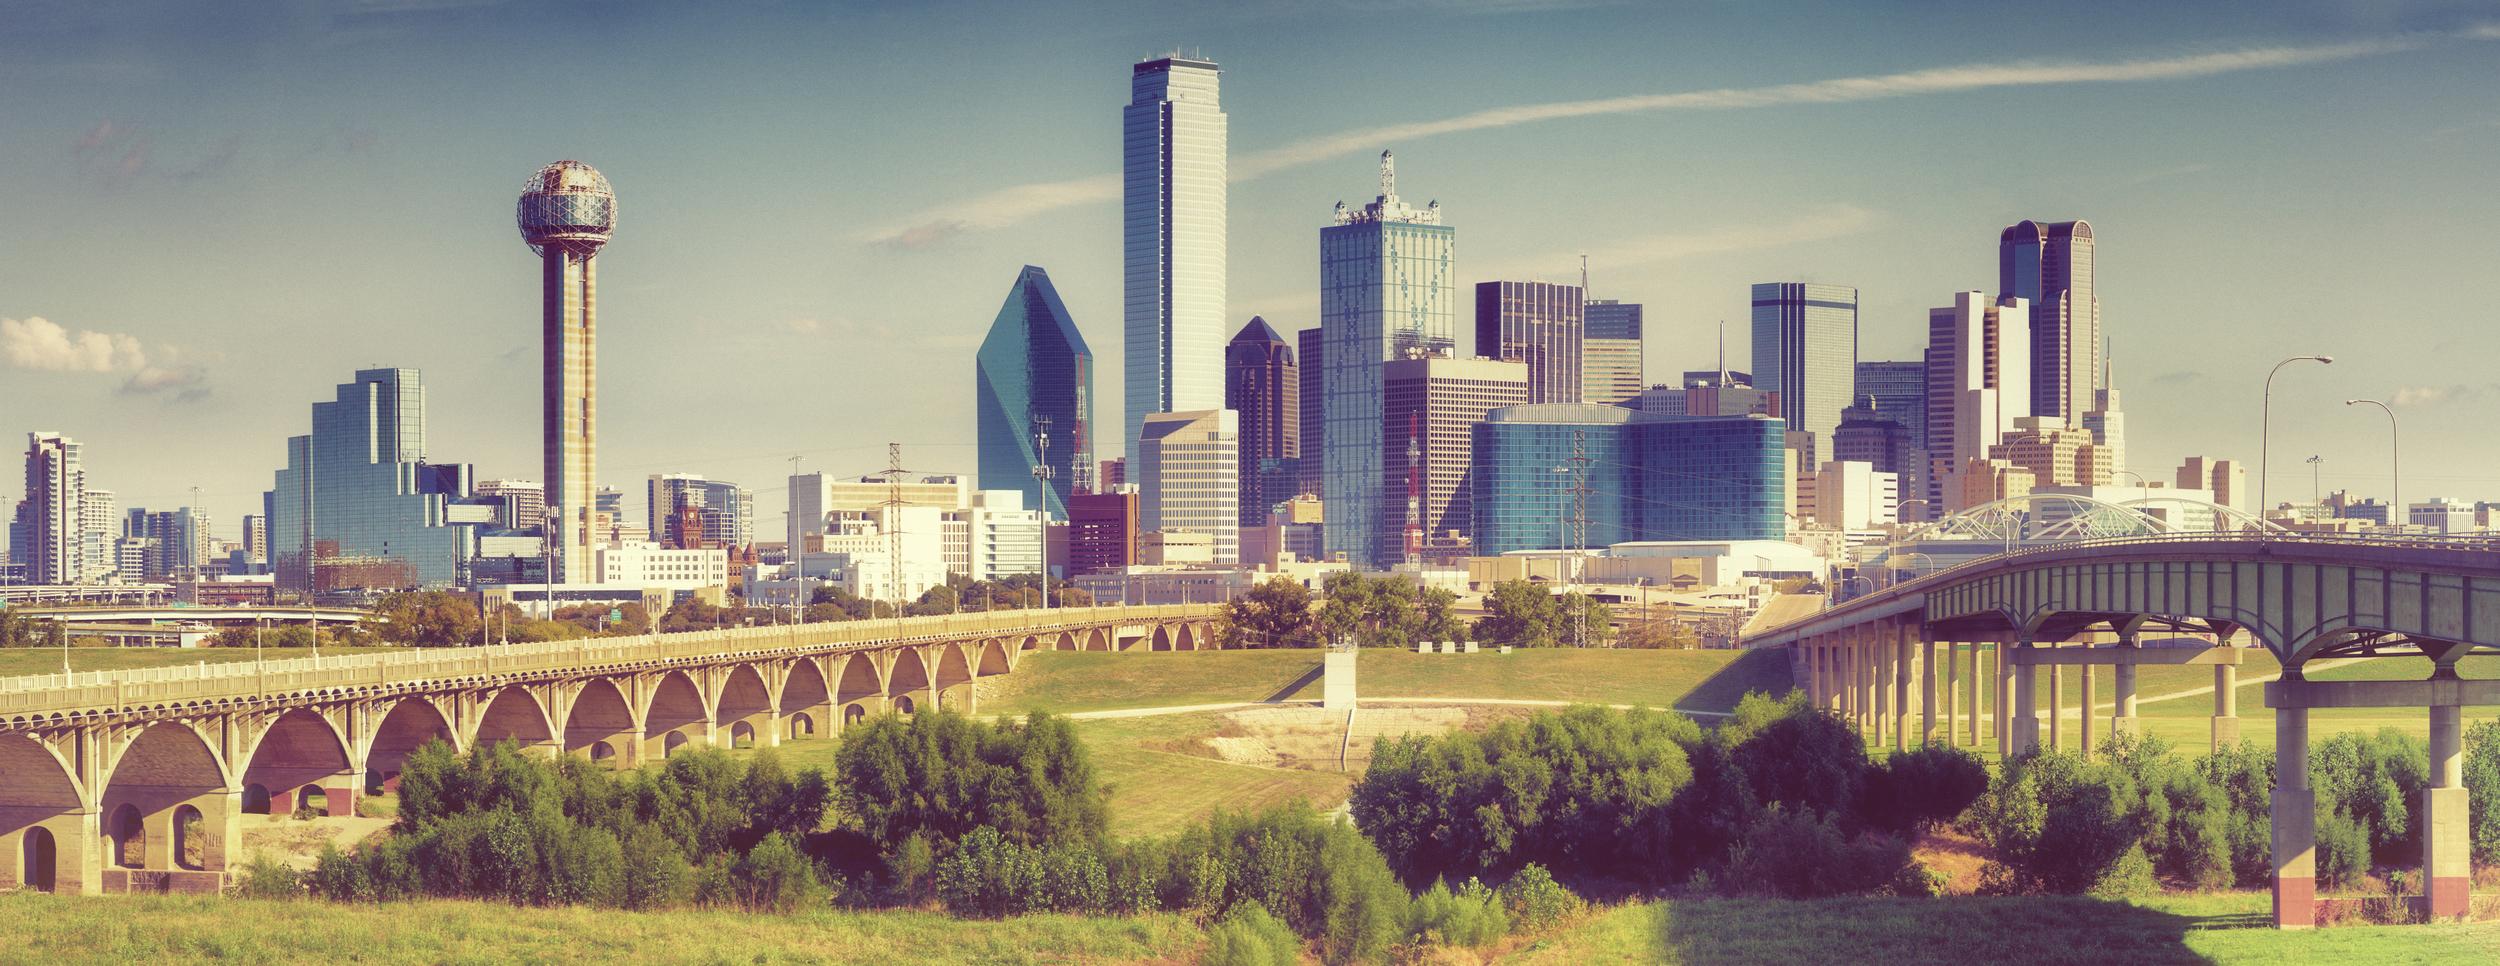 Dallas city photo